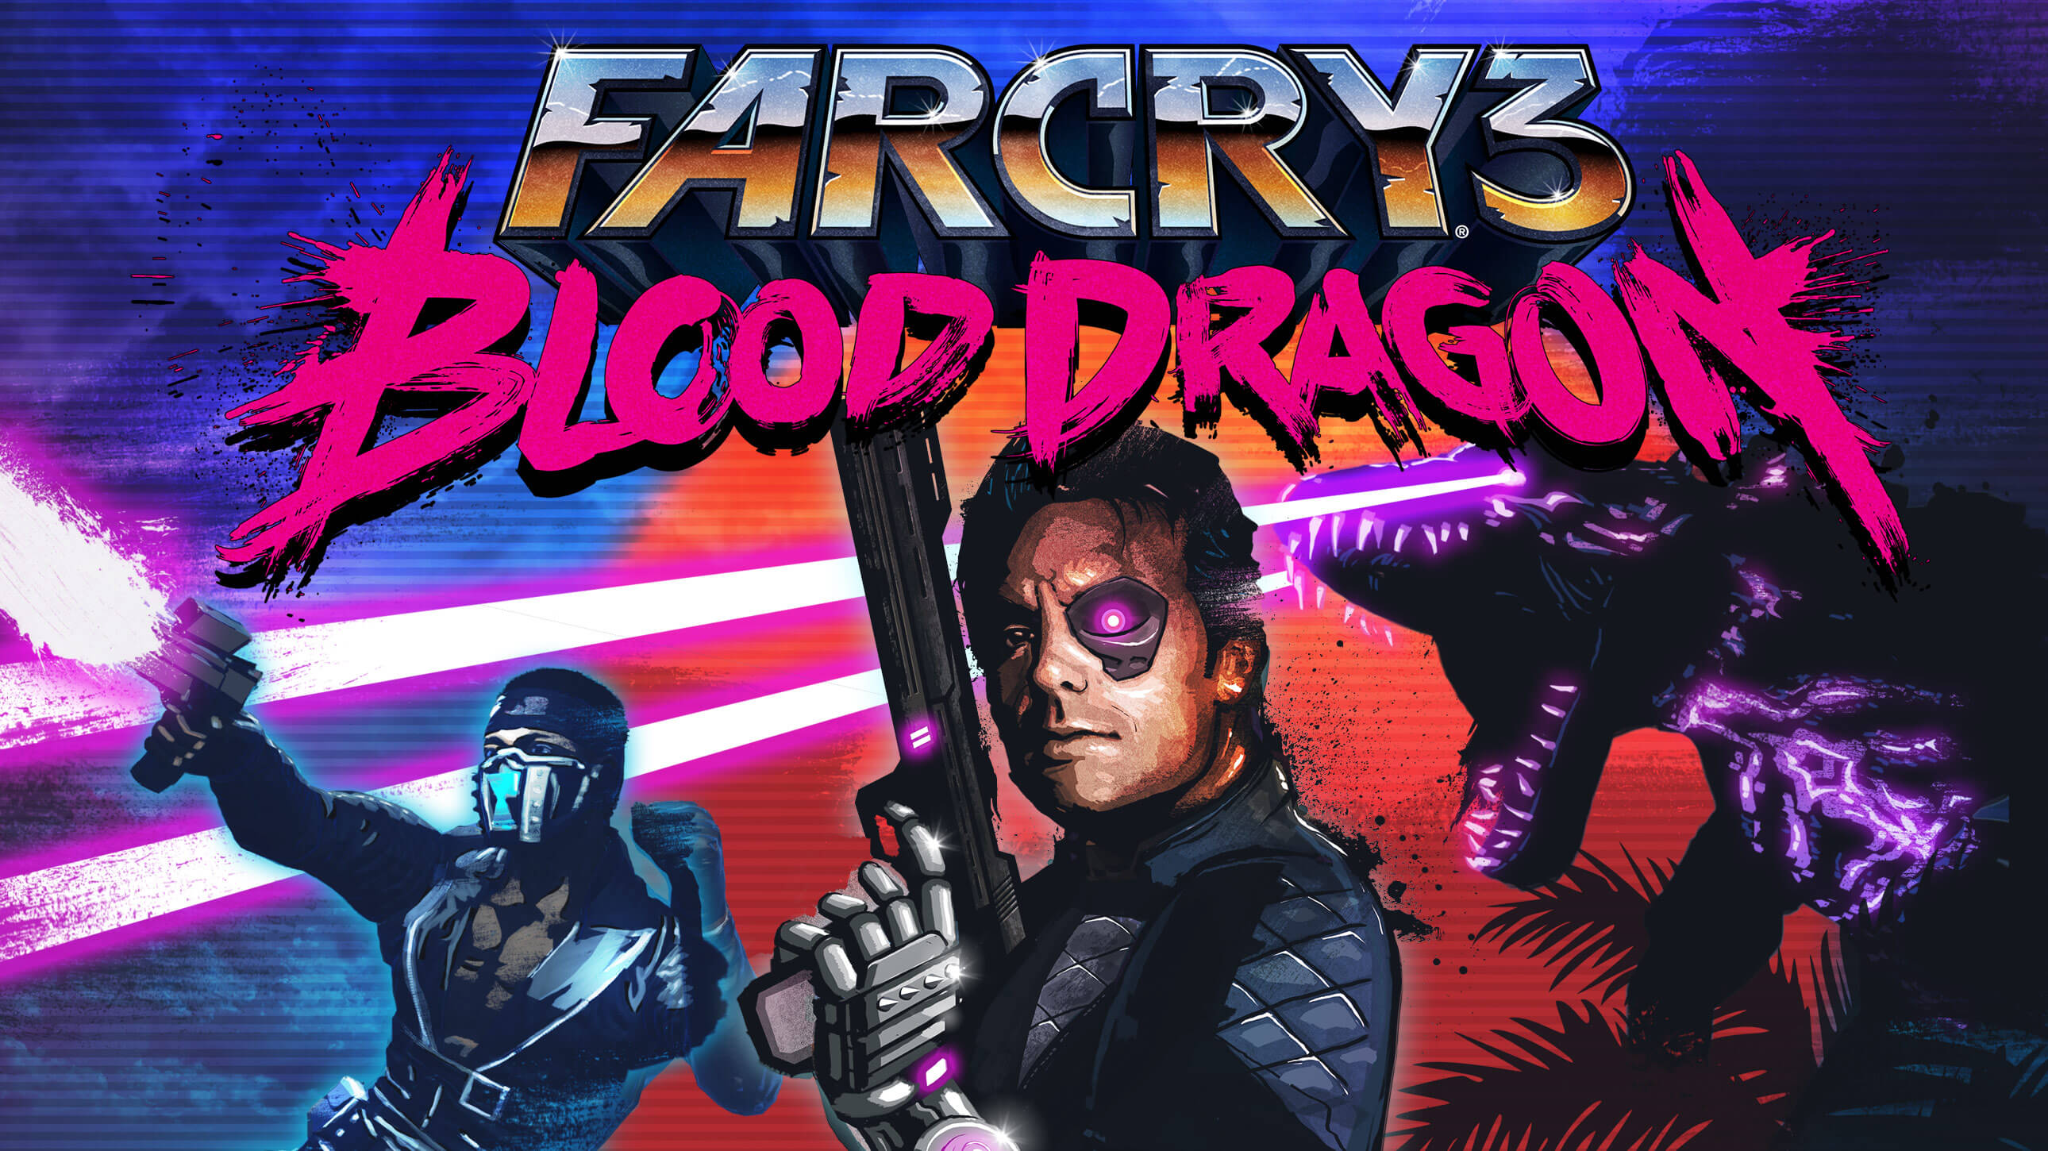 จัดอันดับ Far Cry เตรียมต้อบรับ Farcry 6 ใครยังไม่เก็บภาคไหนต้องมาดู5